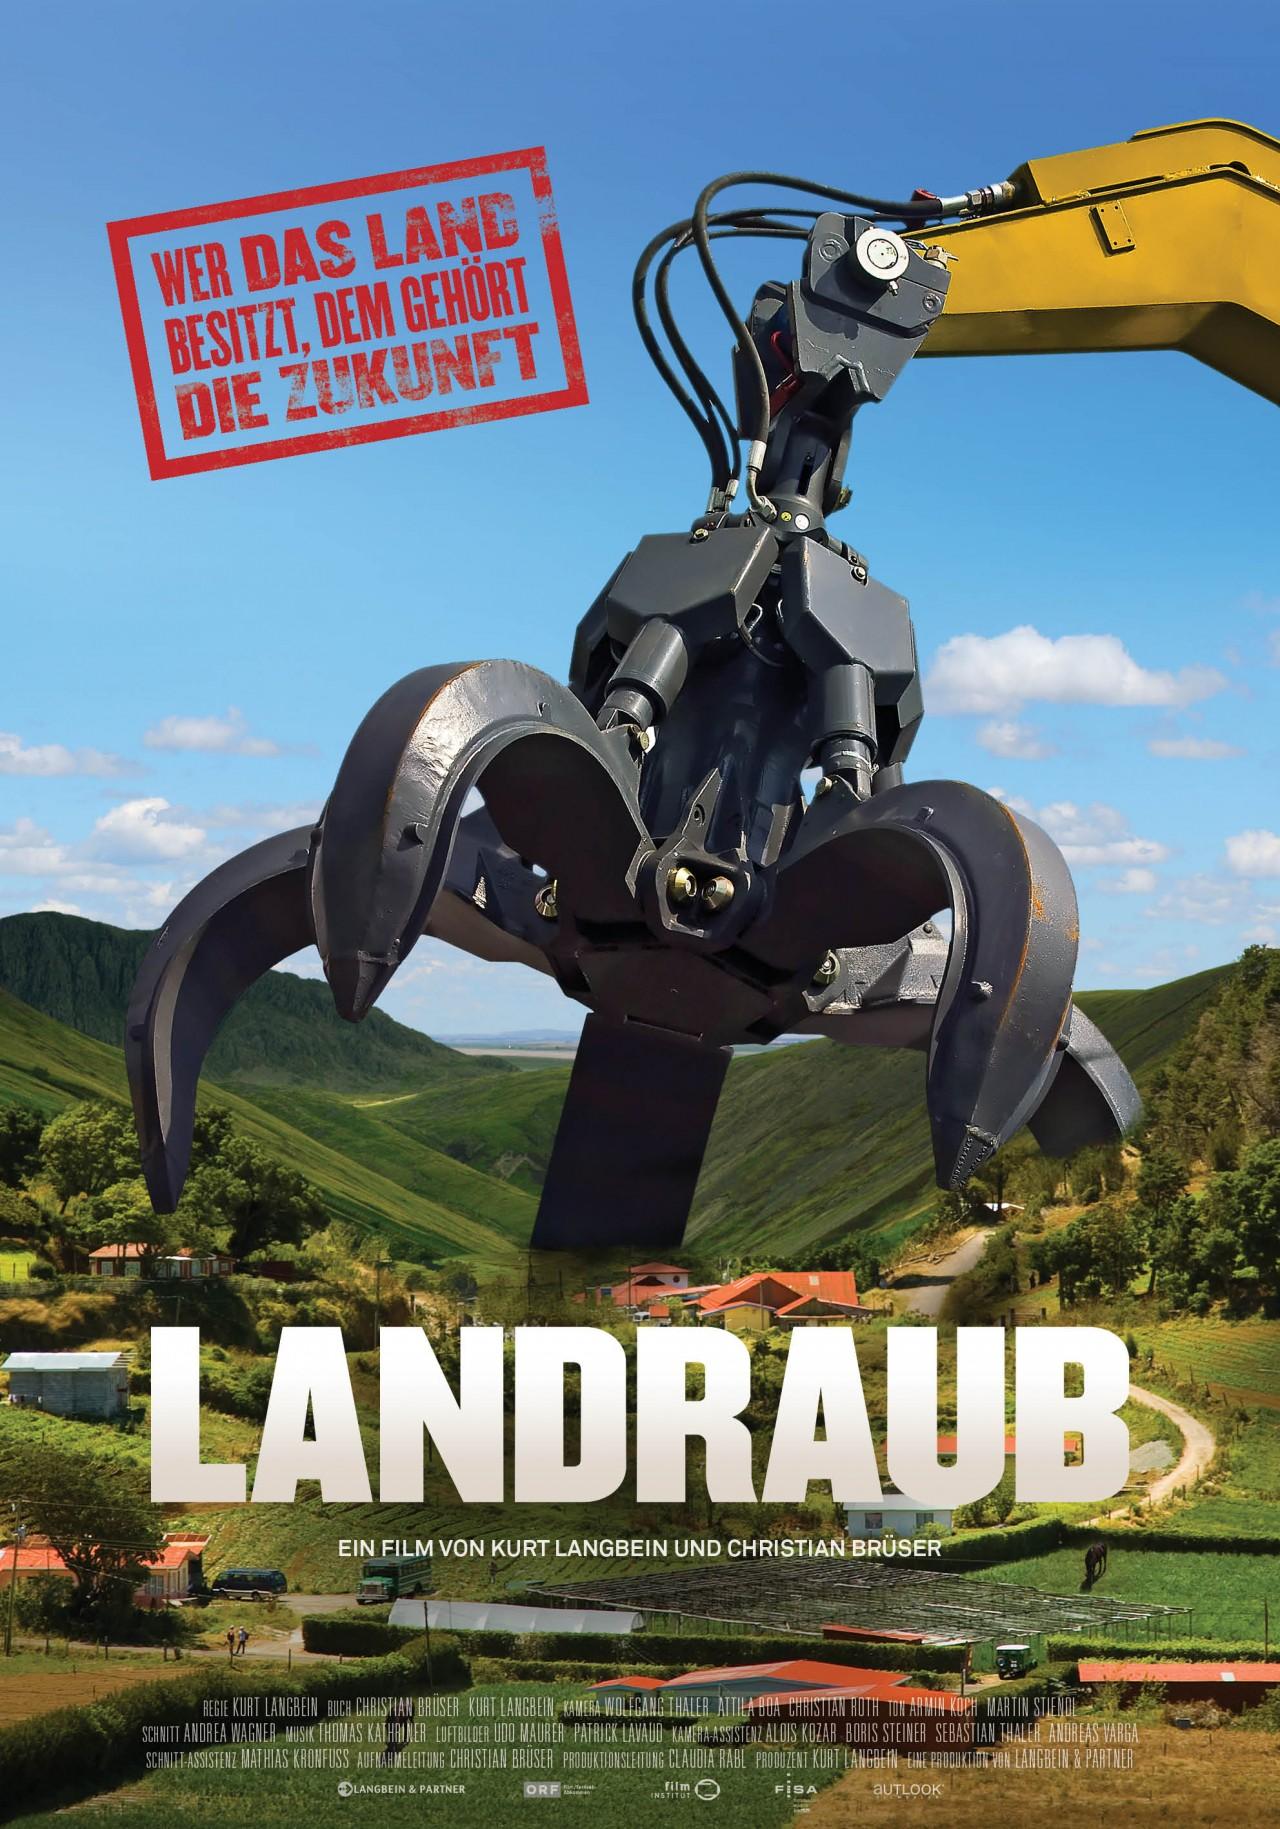 Landraub - der preisgekrönte und sehr empfehlenswerte Film zum gleichnamigen Thema